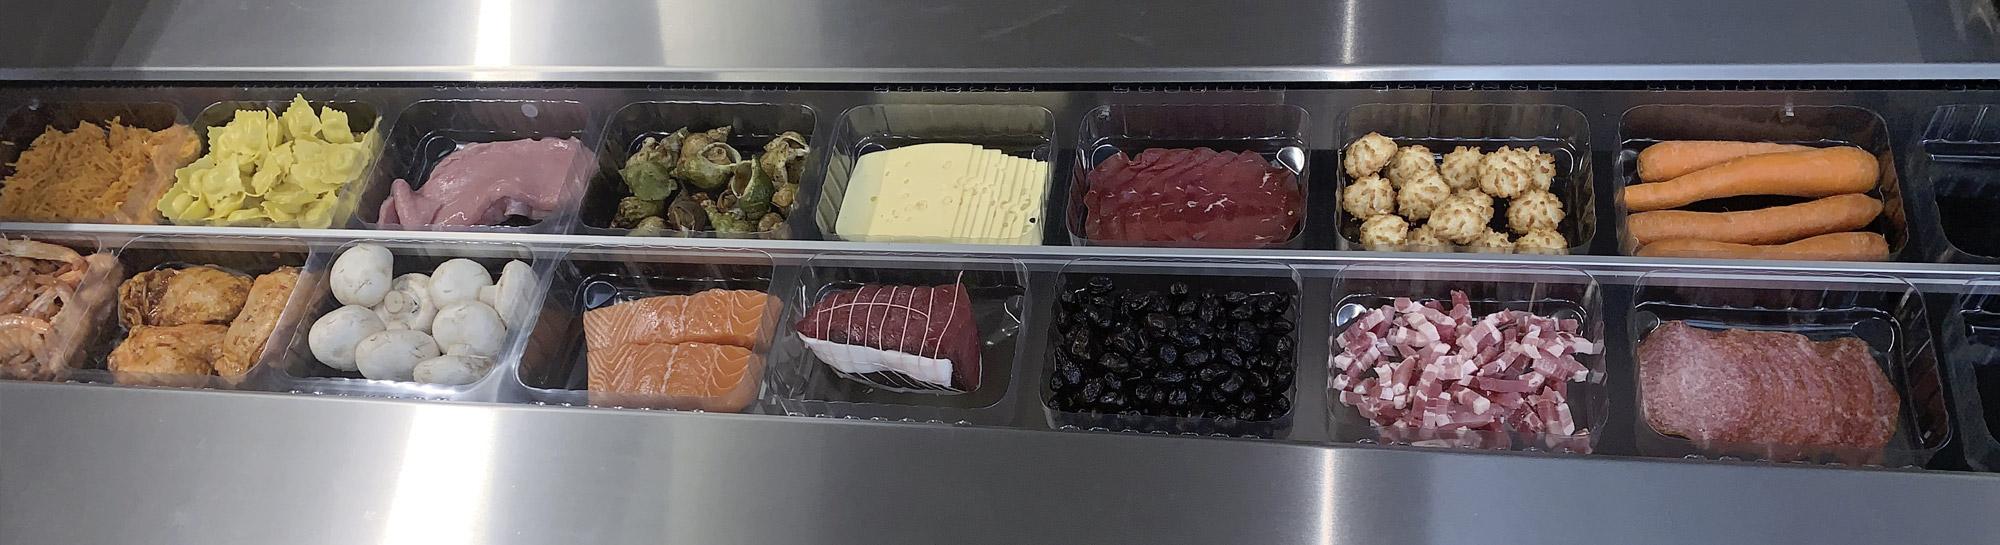 machine de conditionnement alimentaire mecapack